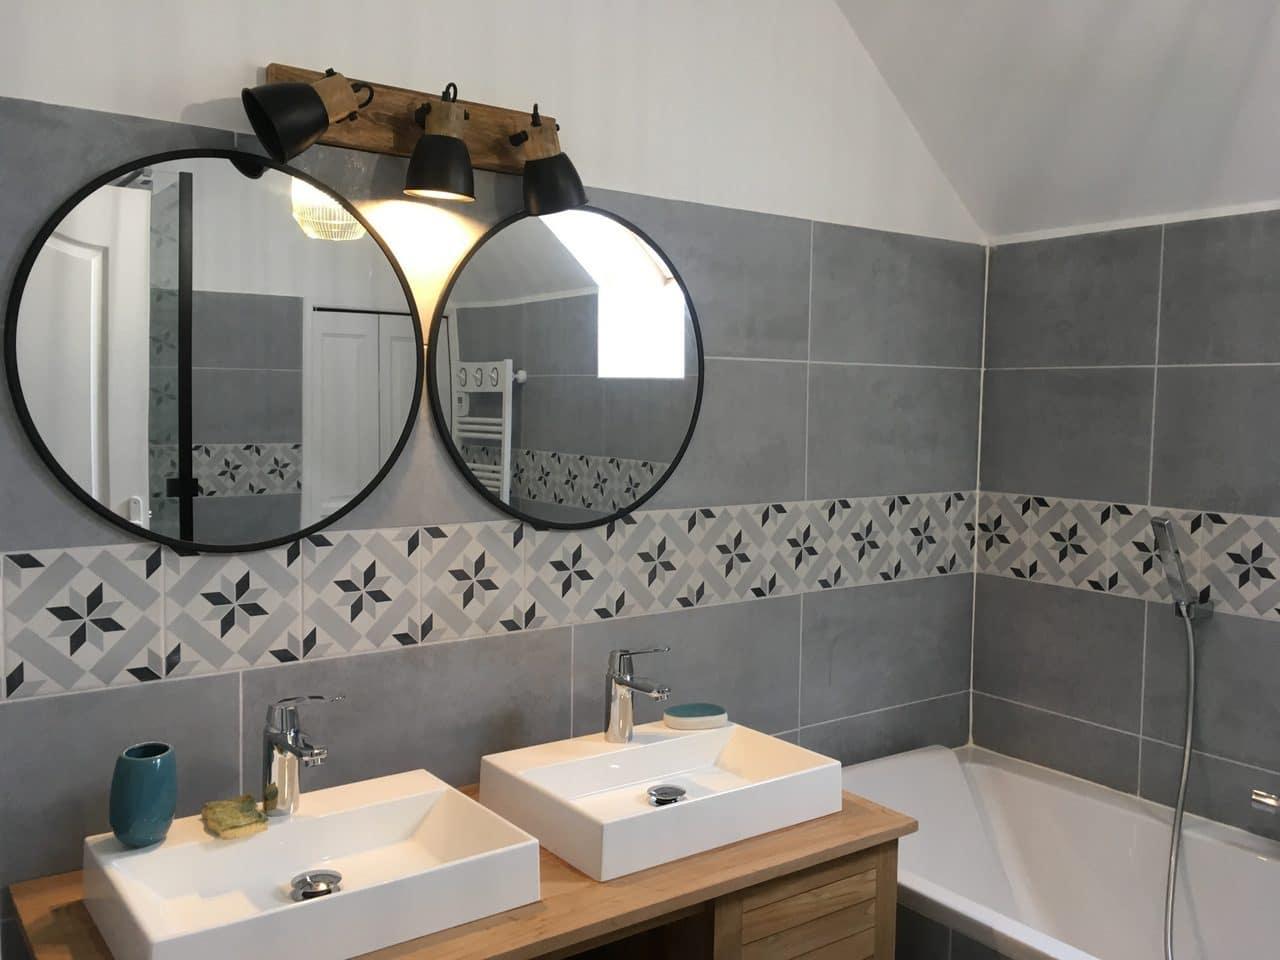 Rénovation d'une salle de bain à Montesson (78) : miroir et double vasque